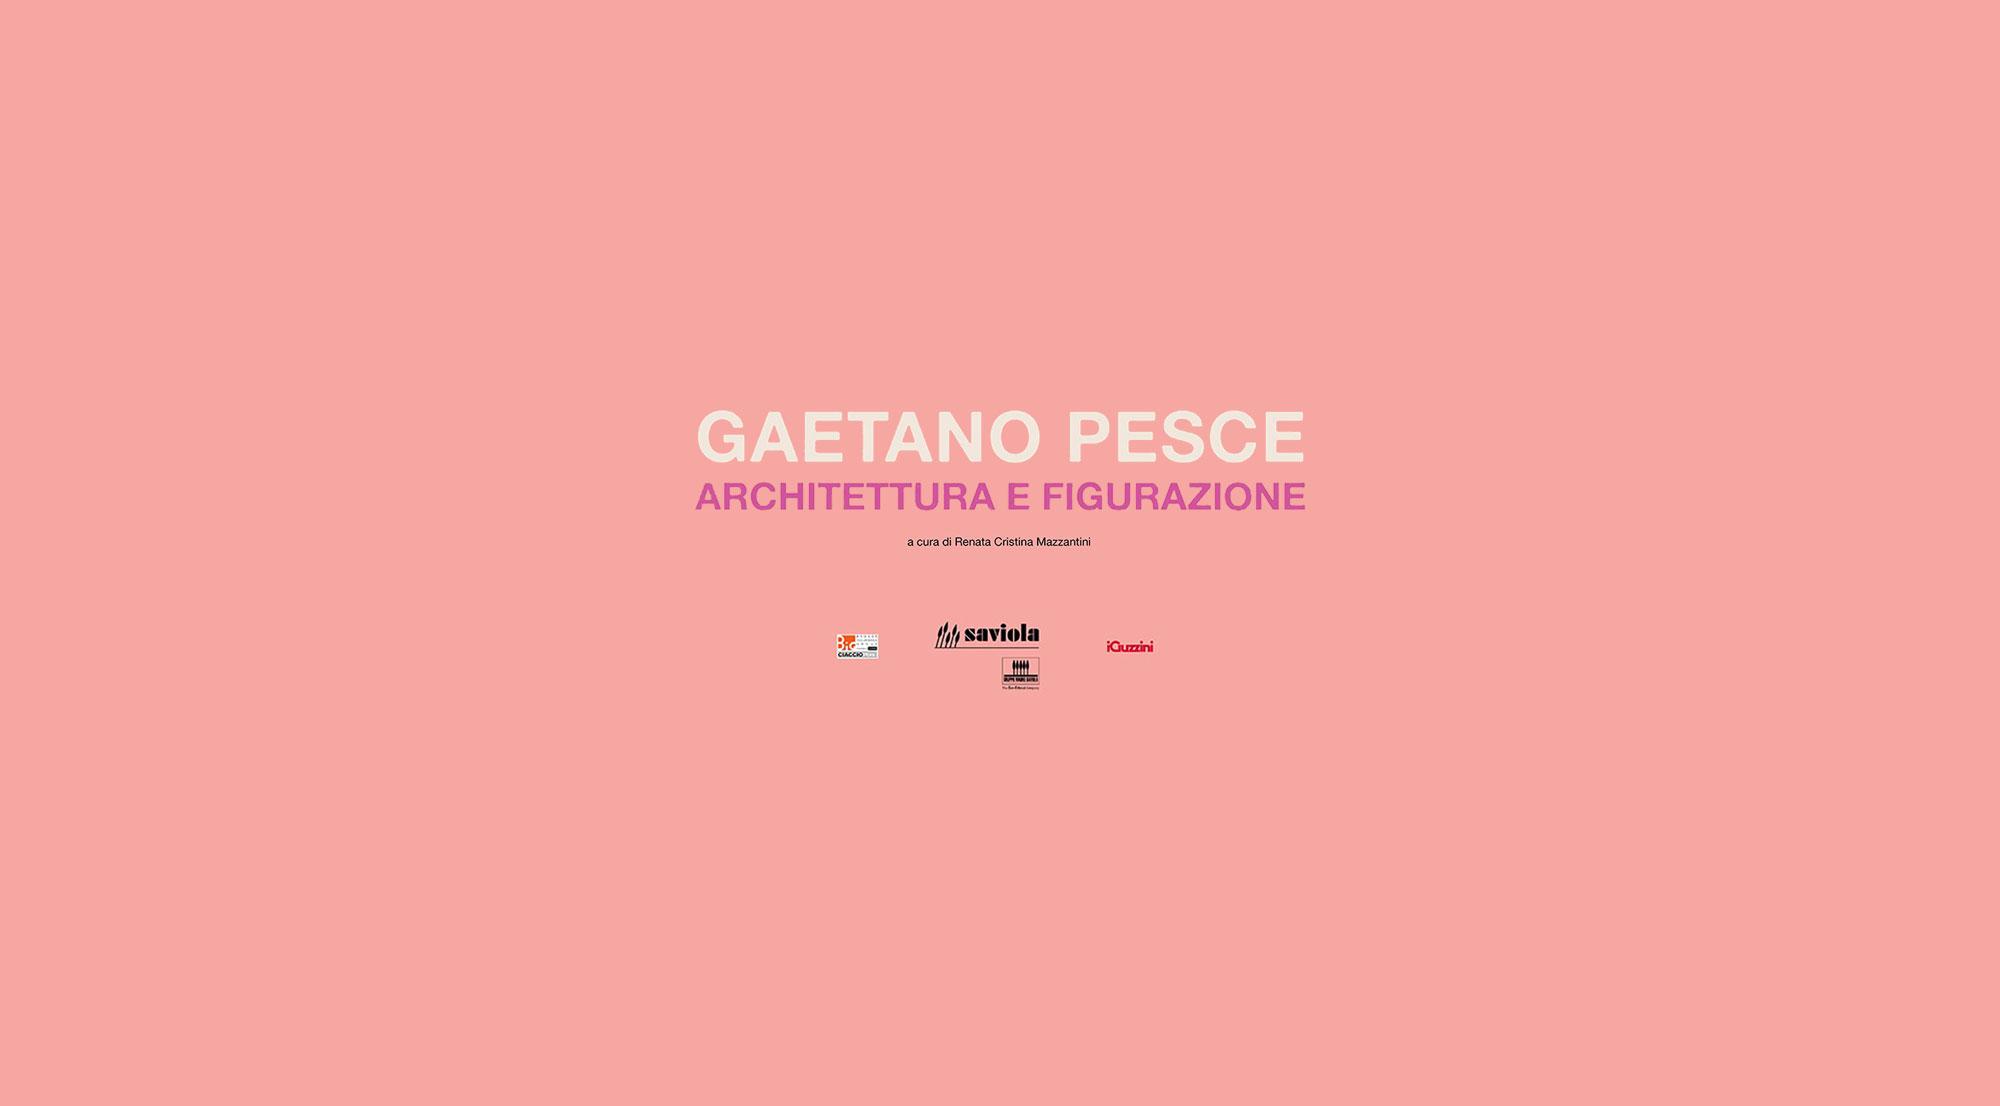 Gaetano Pesce Architettura e Figurazione